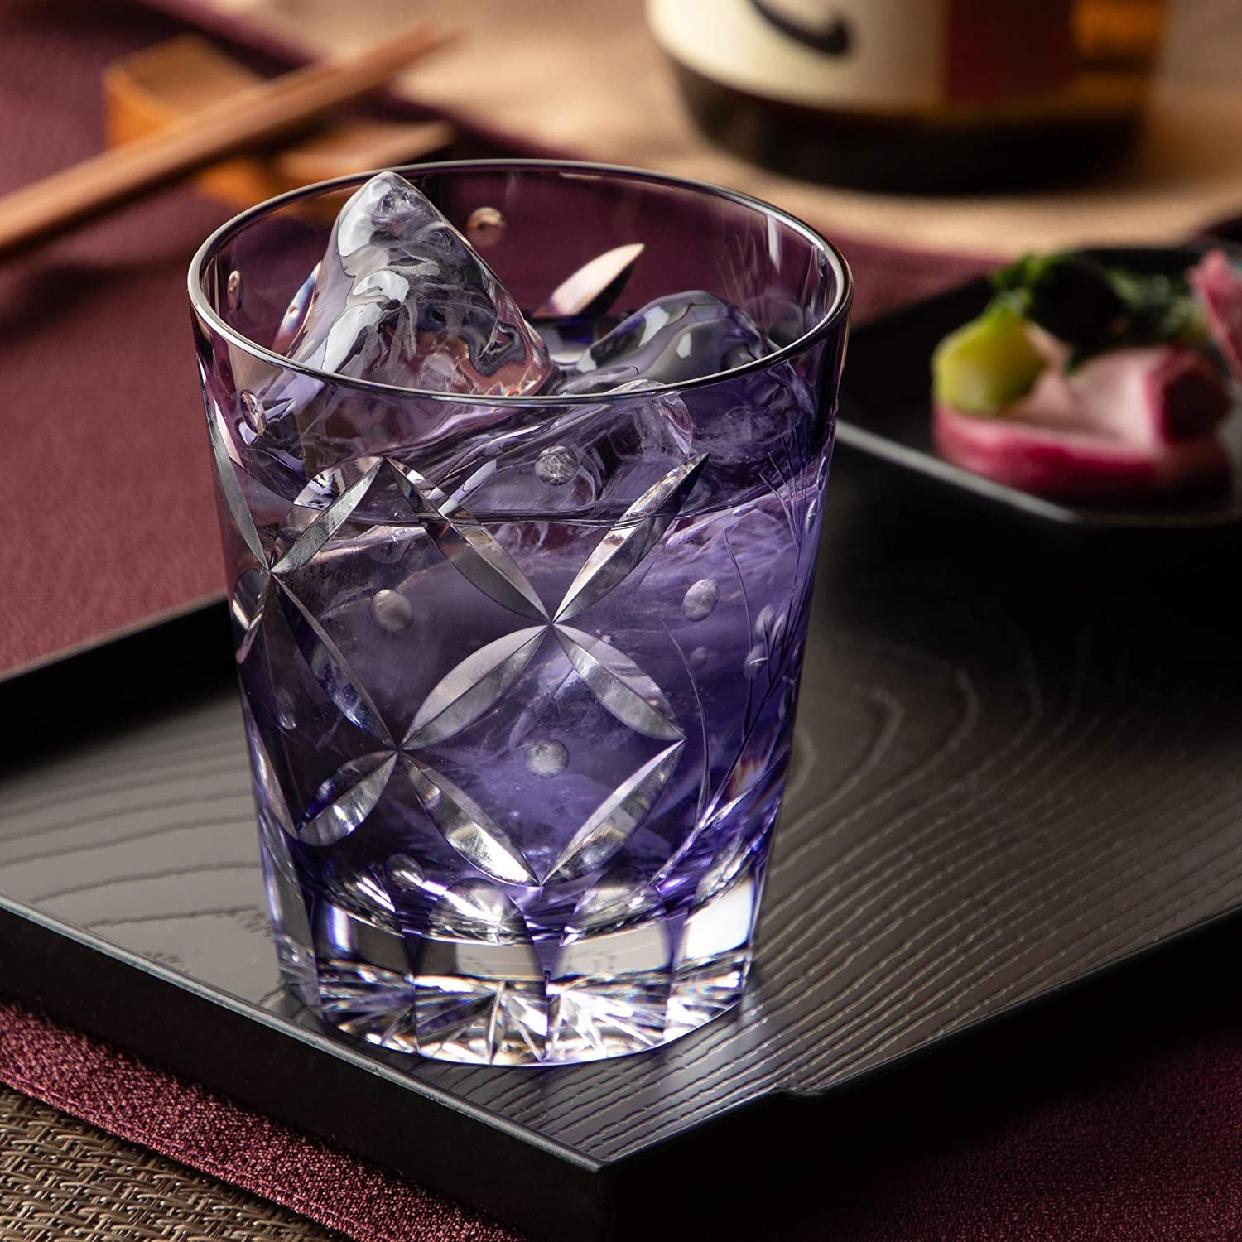 江戸切子(えどきりこ)焼酎ロックグラス<萩とススキ> 230cc T557-2650CMPの商品画像5